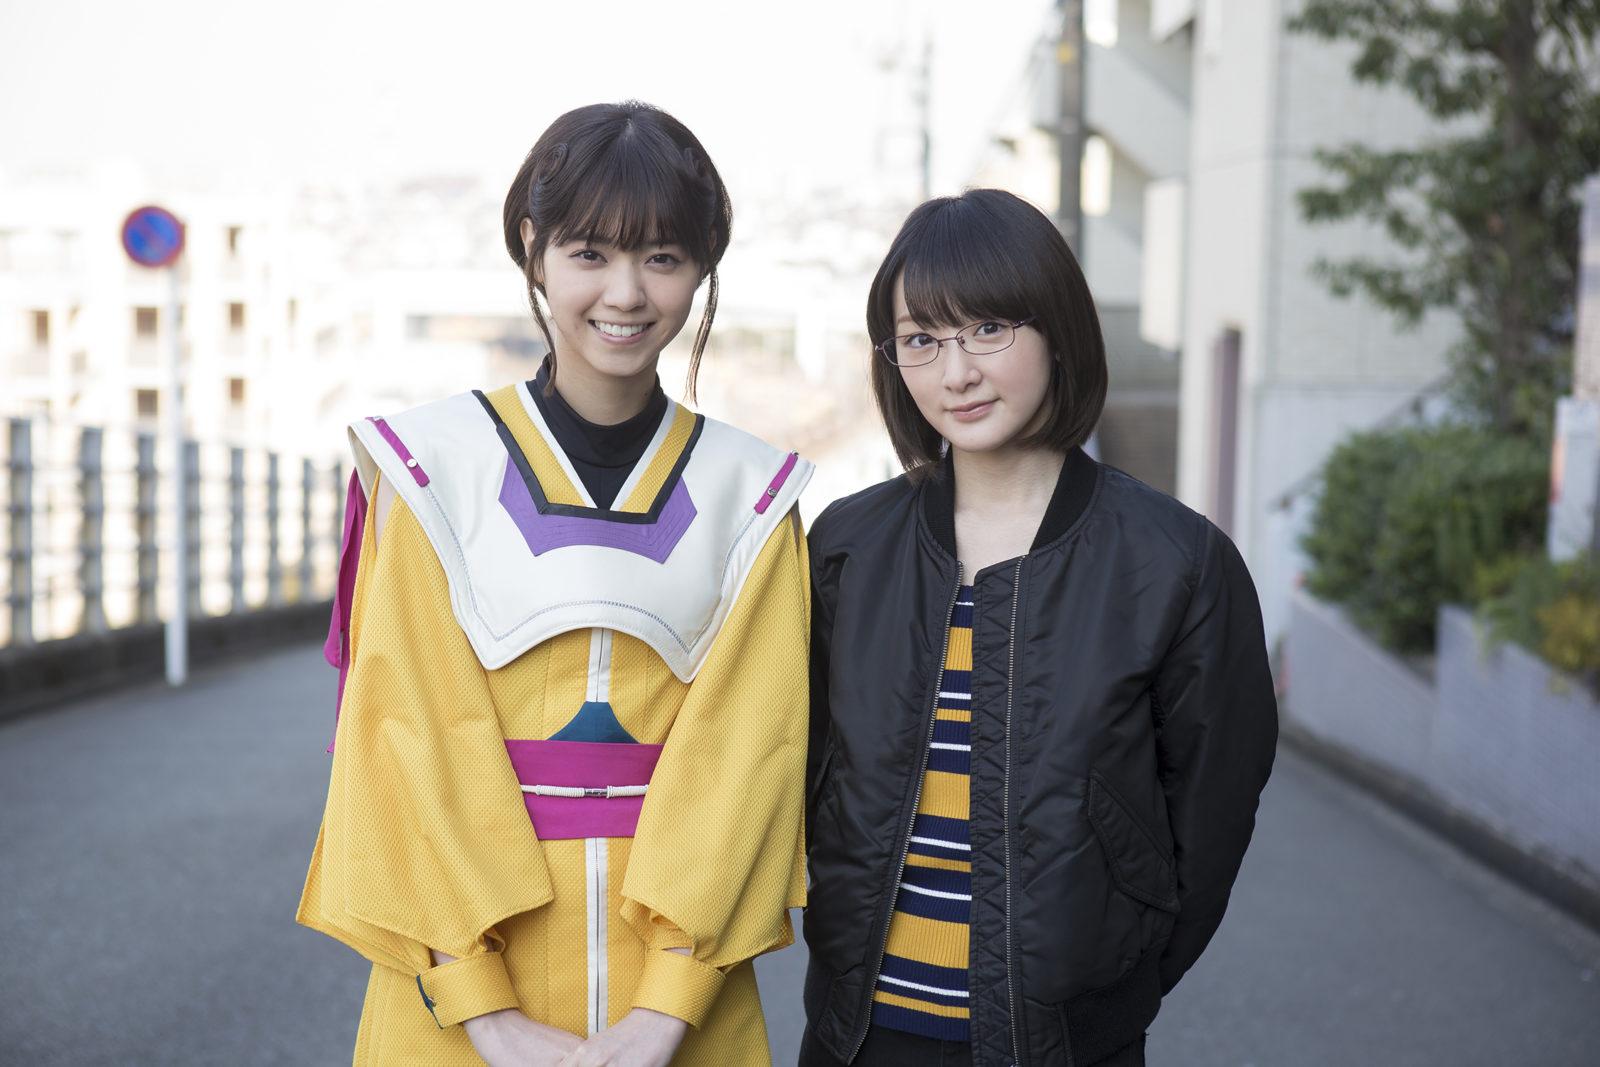 乃木坂46・生駒里奈と西野七瀬がドラマの枠を超えて奇跡のコラボ共演!